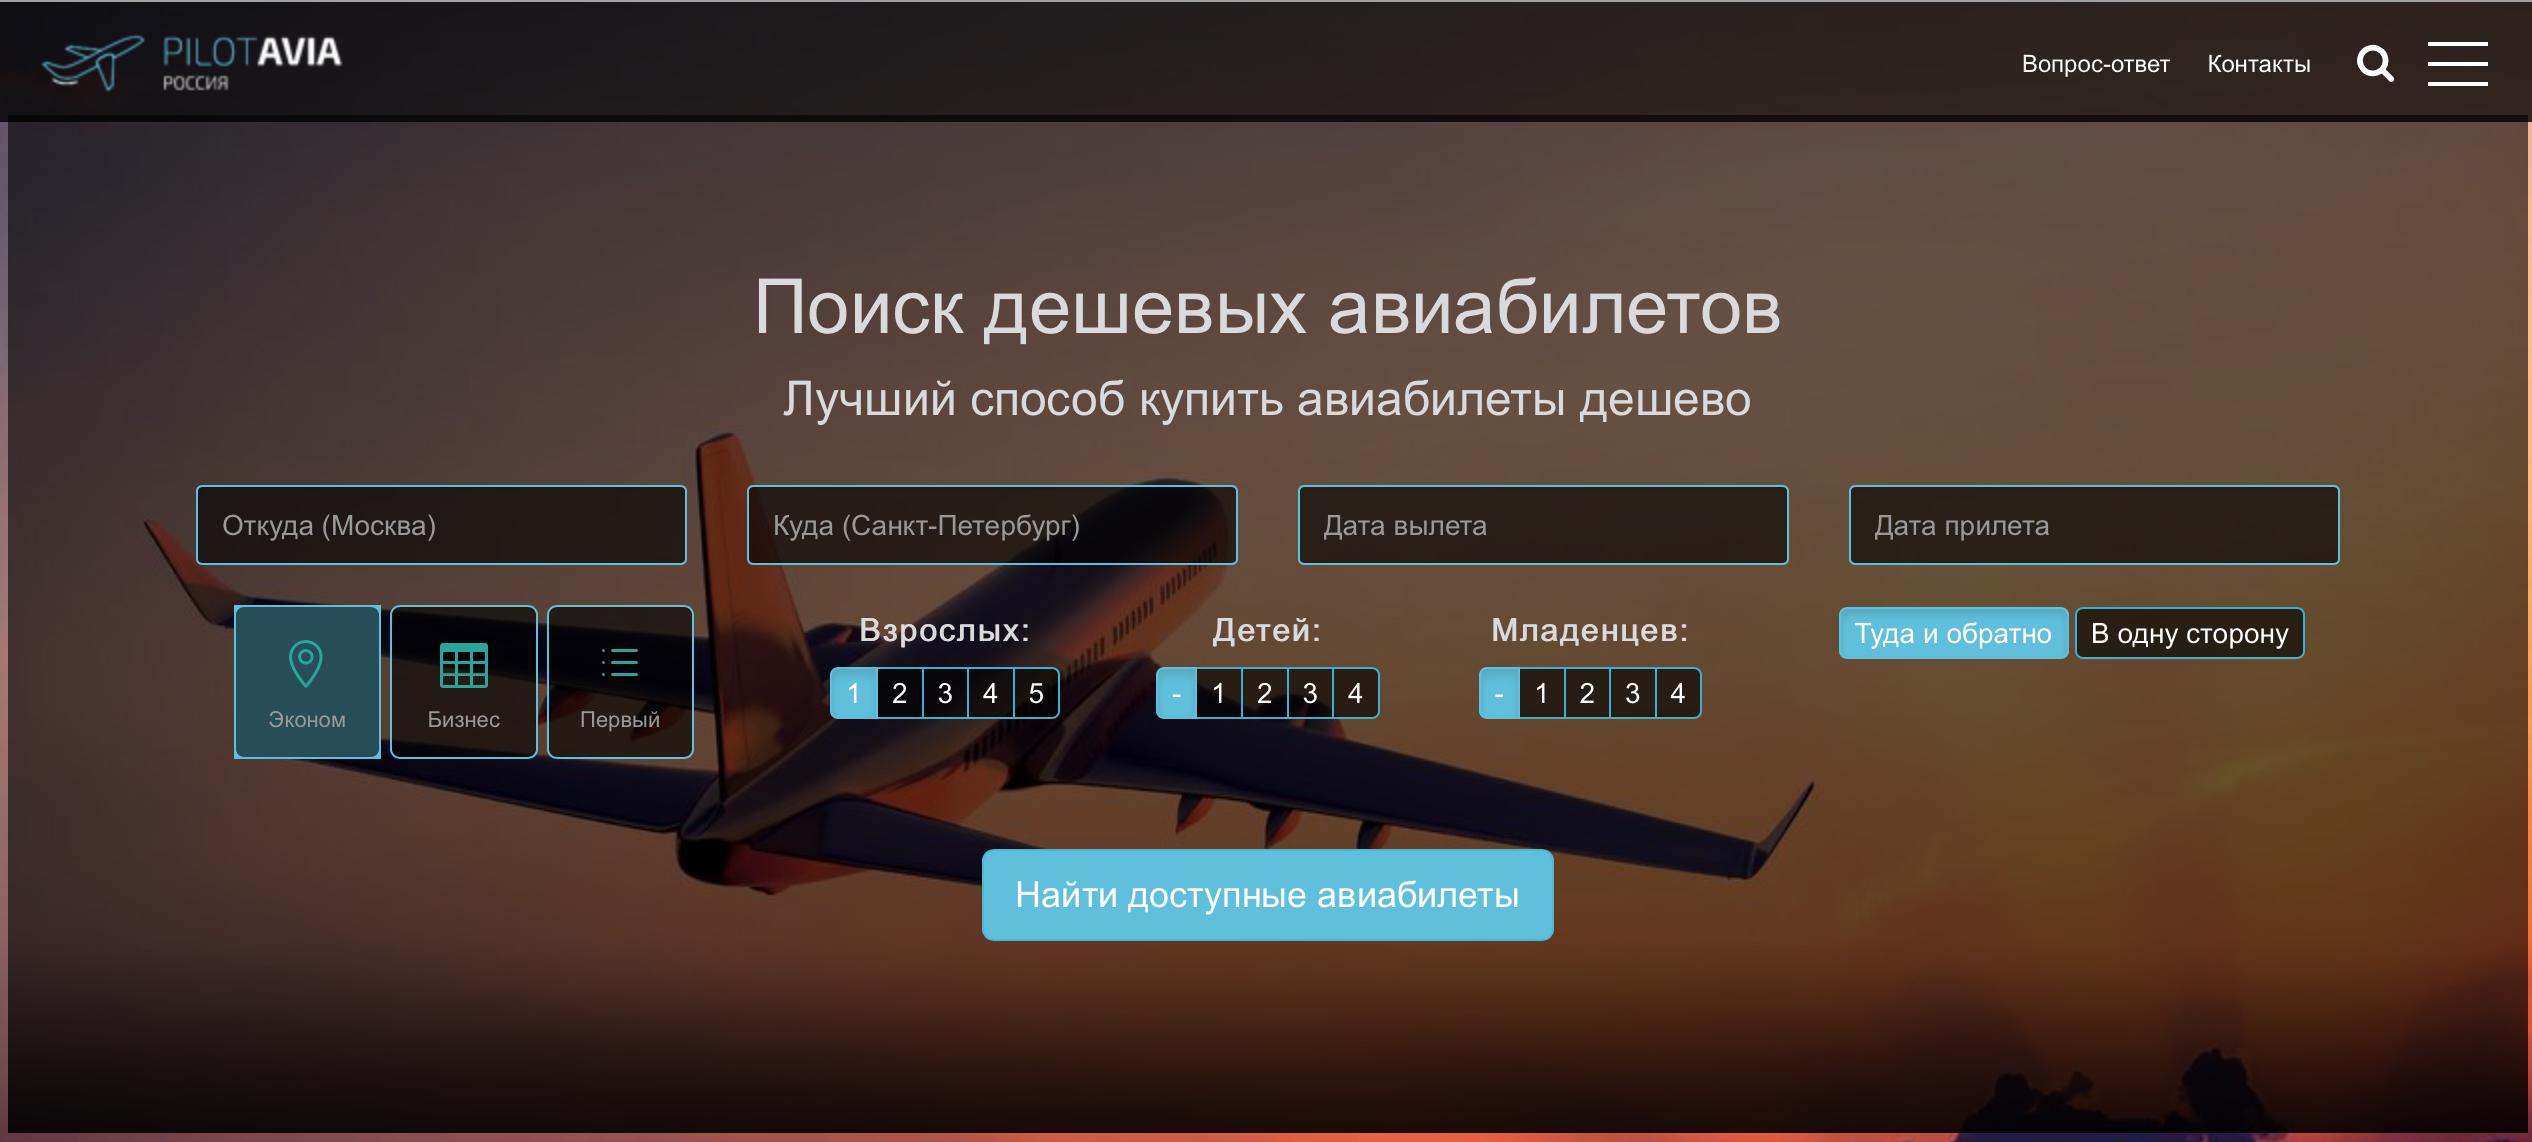 Билеты на самолет из санкт-петербурга momondo сколько теряешь при сдачи билета на самолет